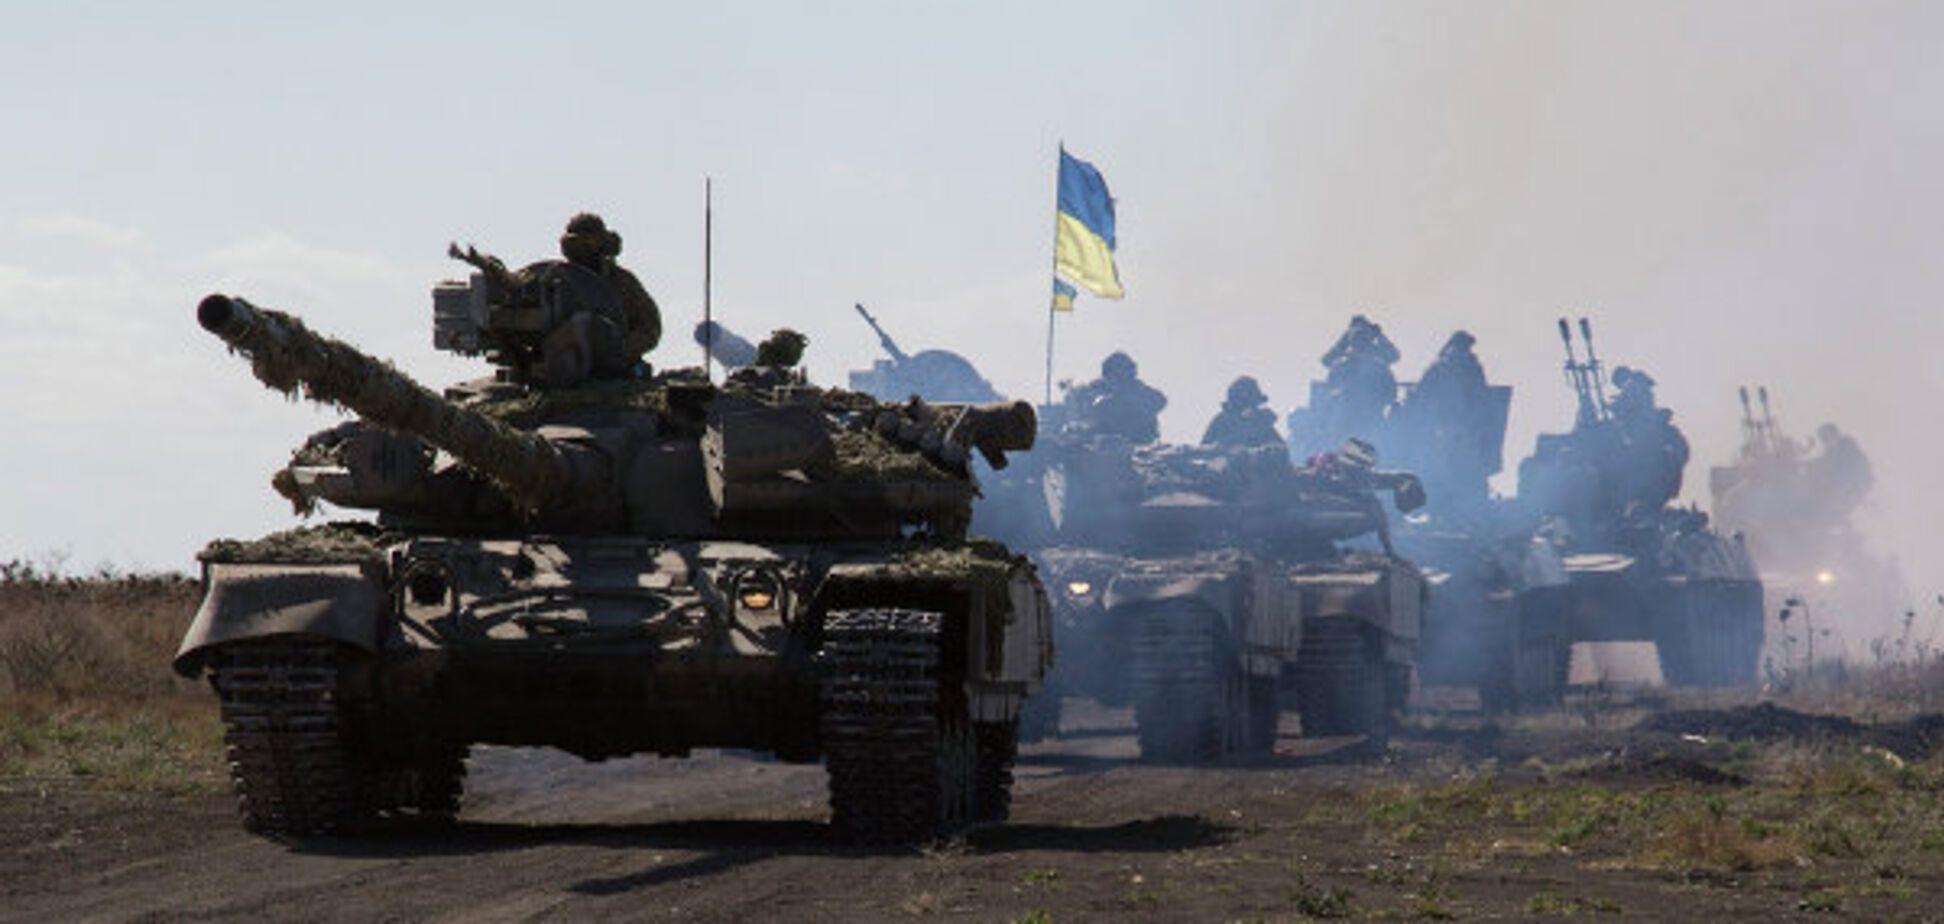 Стереть с лица земли Донецк: генерал оценил громкое заявление экс-главы Минобороны